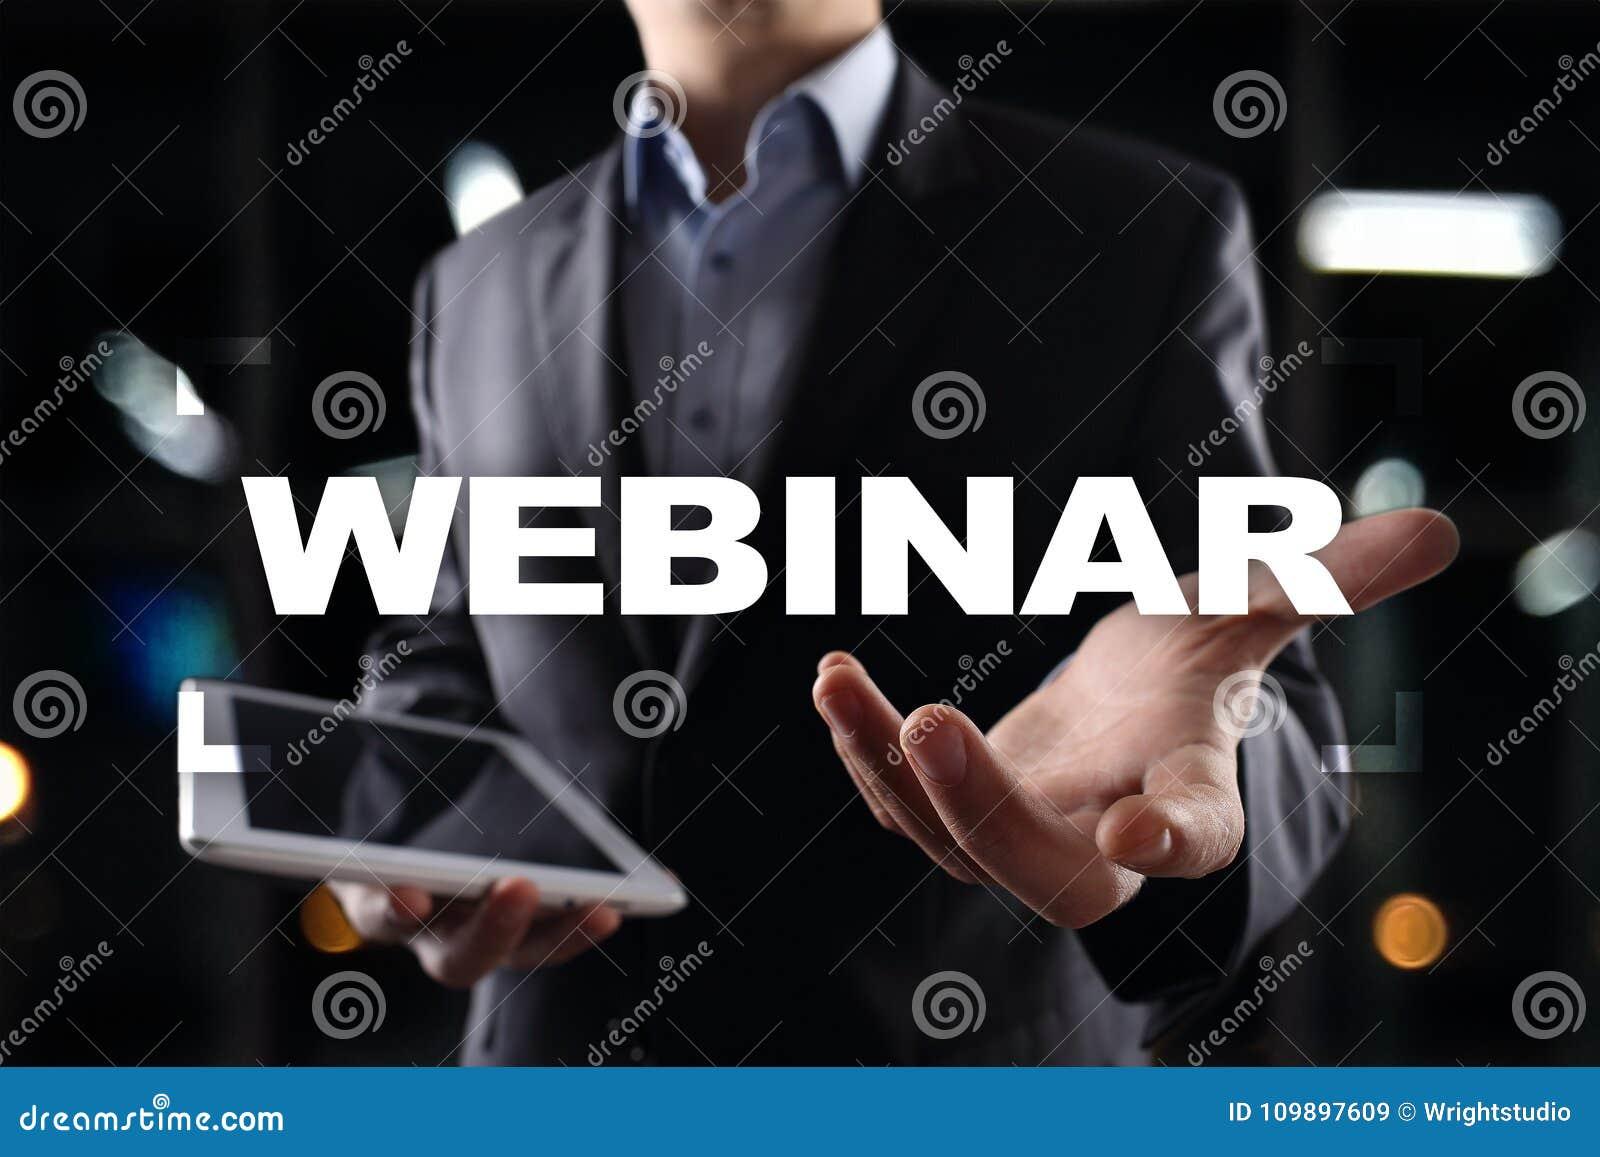 Webinar Aprendizaje electrónico, concepto en línea de la educación Desarrollo personal Escritura en una pantalla virtual